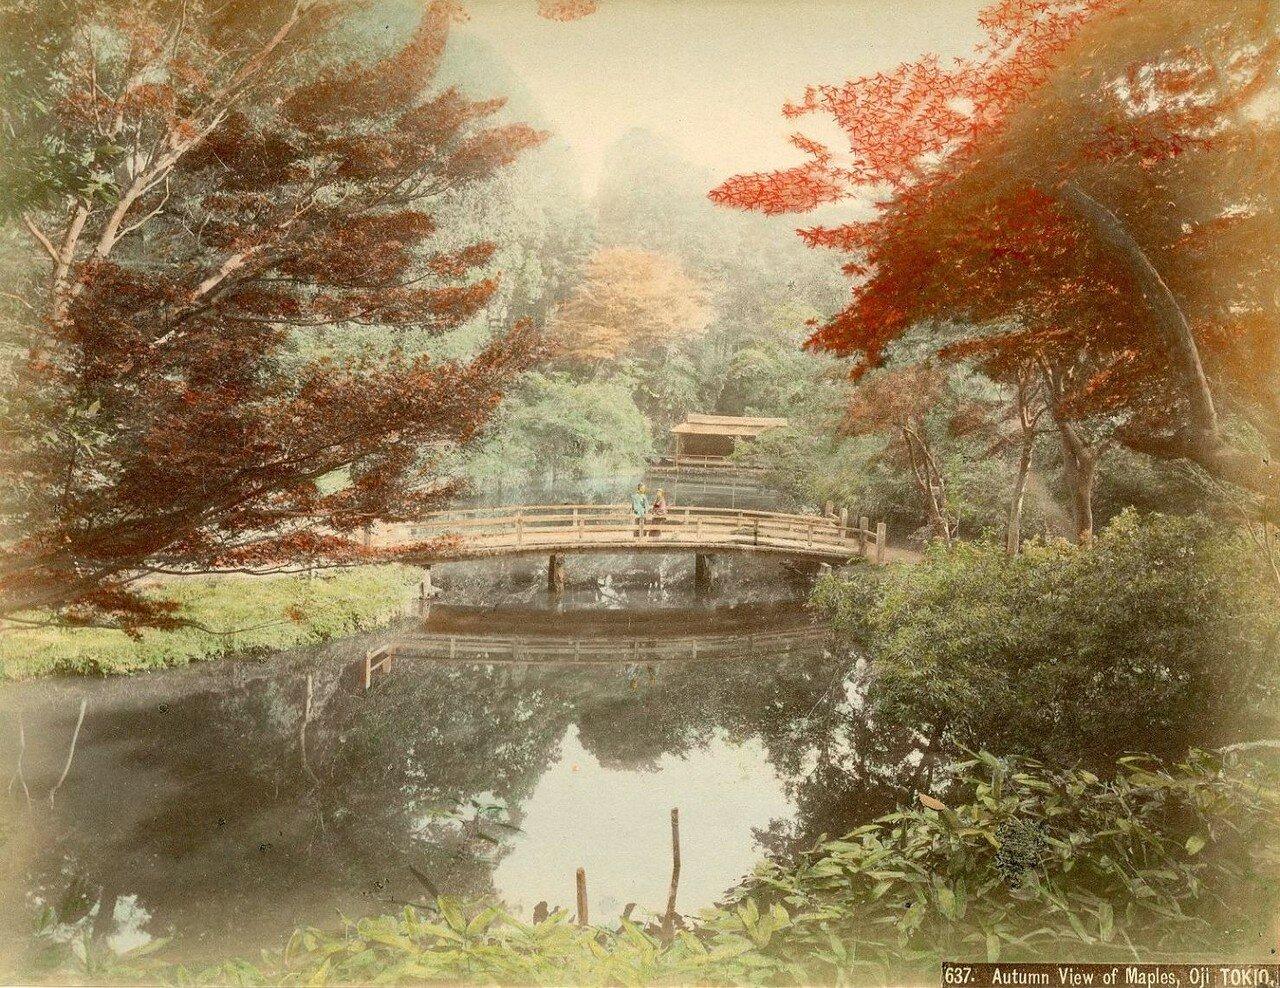 Токио, Оджи. Осенние клены